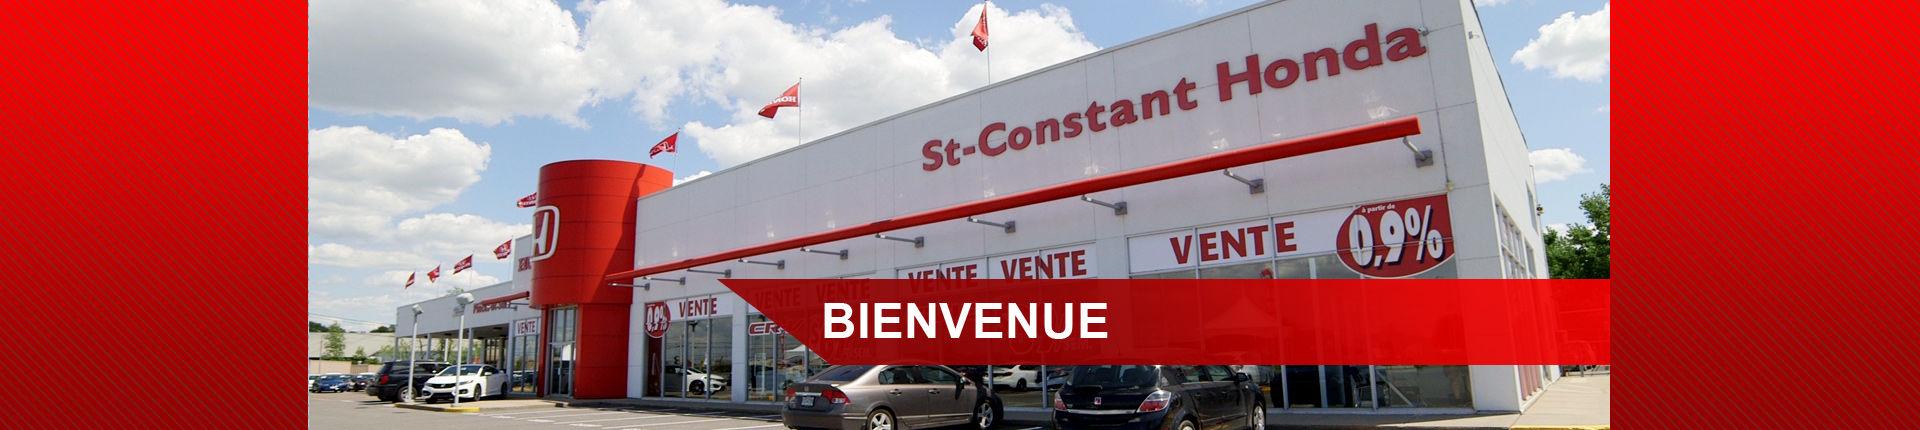 Bienvenue chez st-Constant  Honda